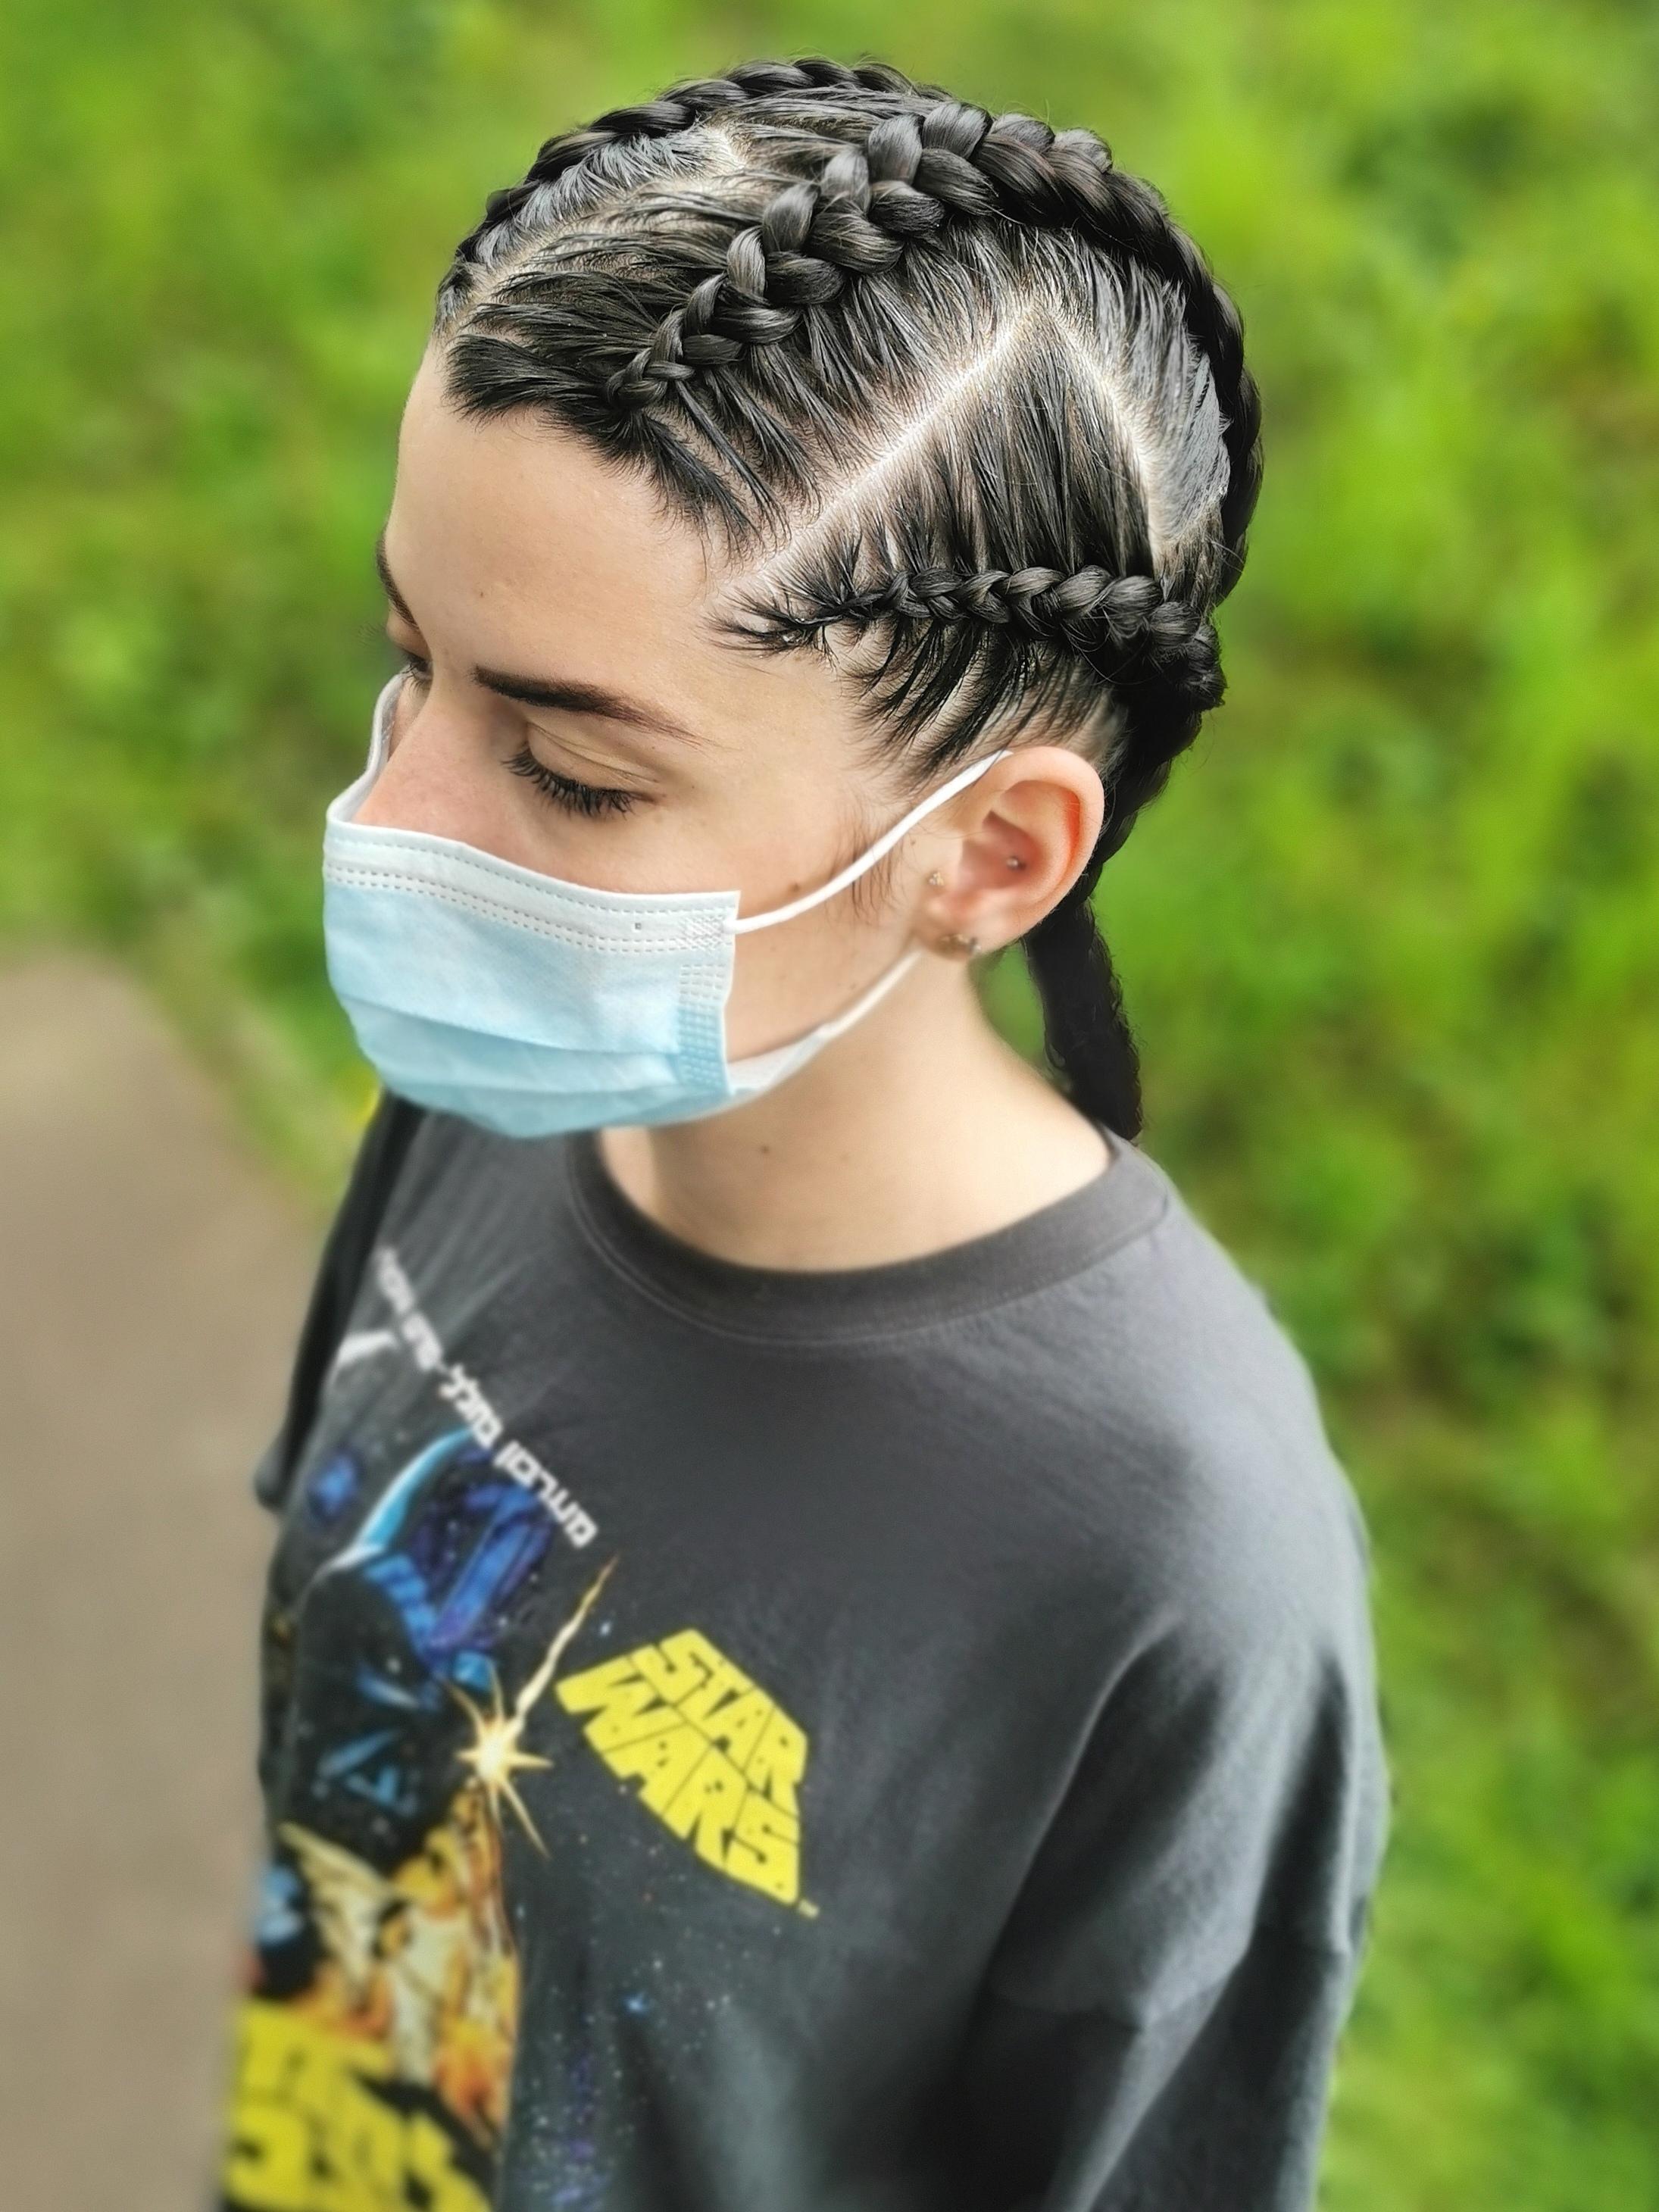 salon de coiffure afro tresse tresses box braids crochet braids vanilles tissages paris 75 77 78 91 92 93 94 95 VYDOGYOA